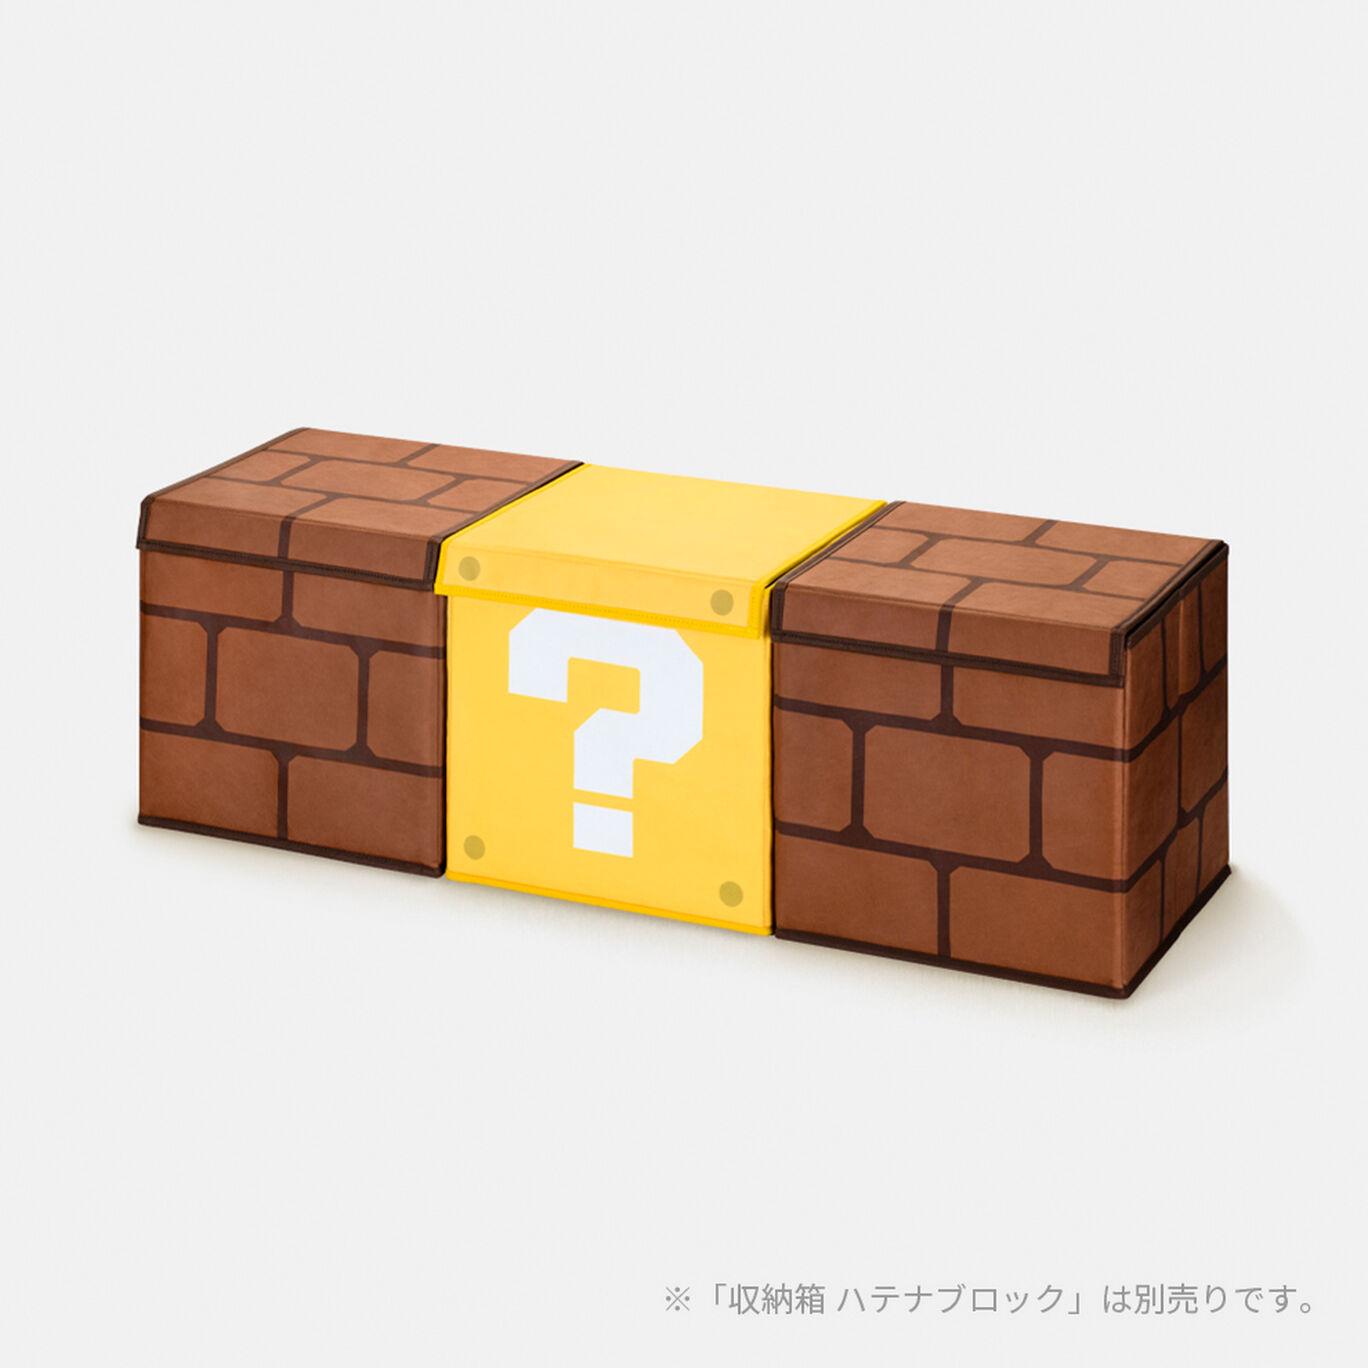 収納箱 スーパーマリオ レンガブロック【Nintendo TOKYO取り扱い商品】